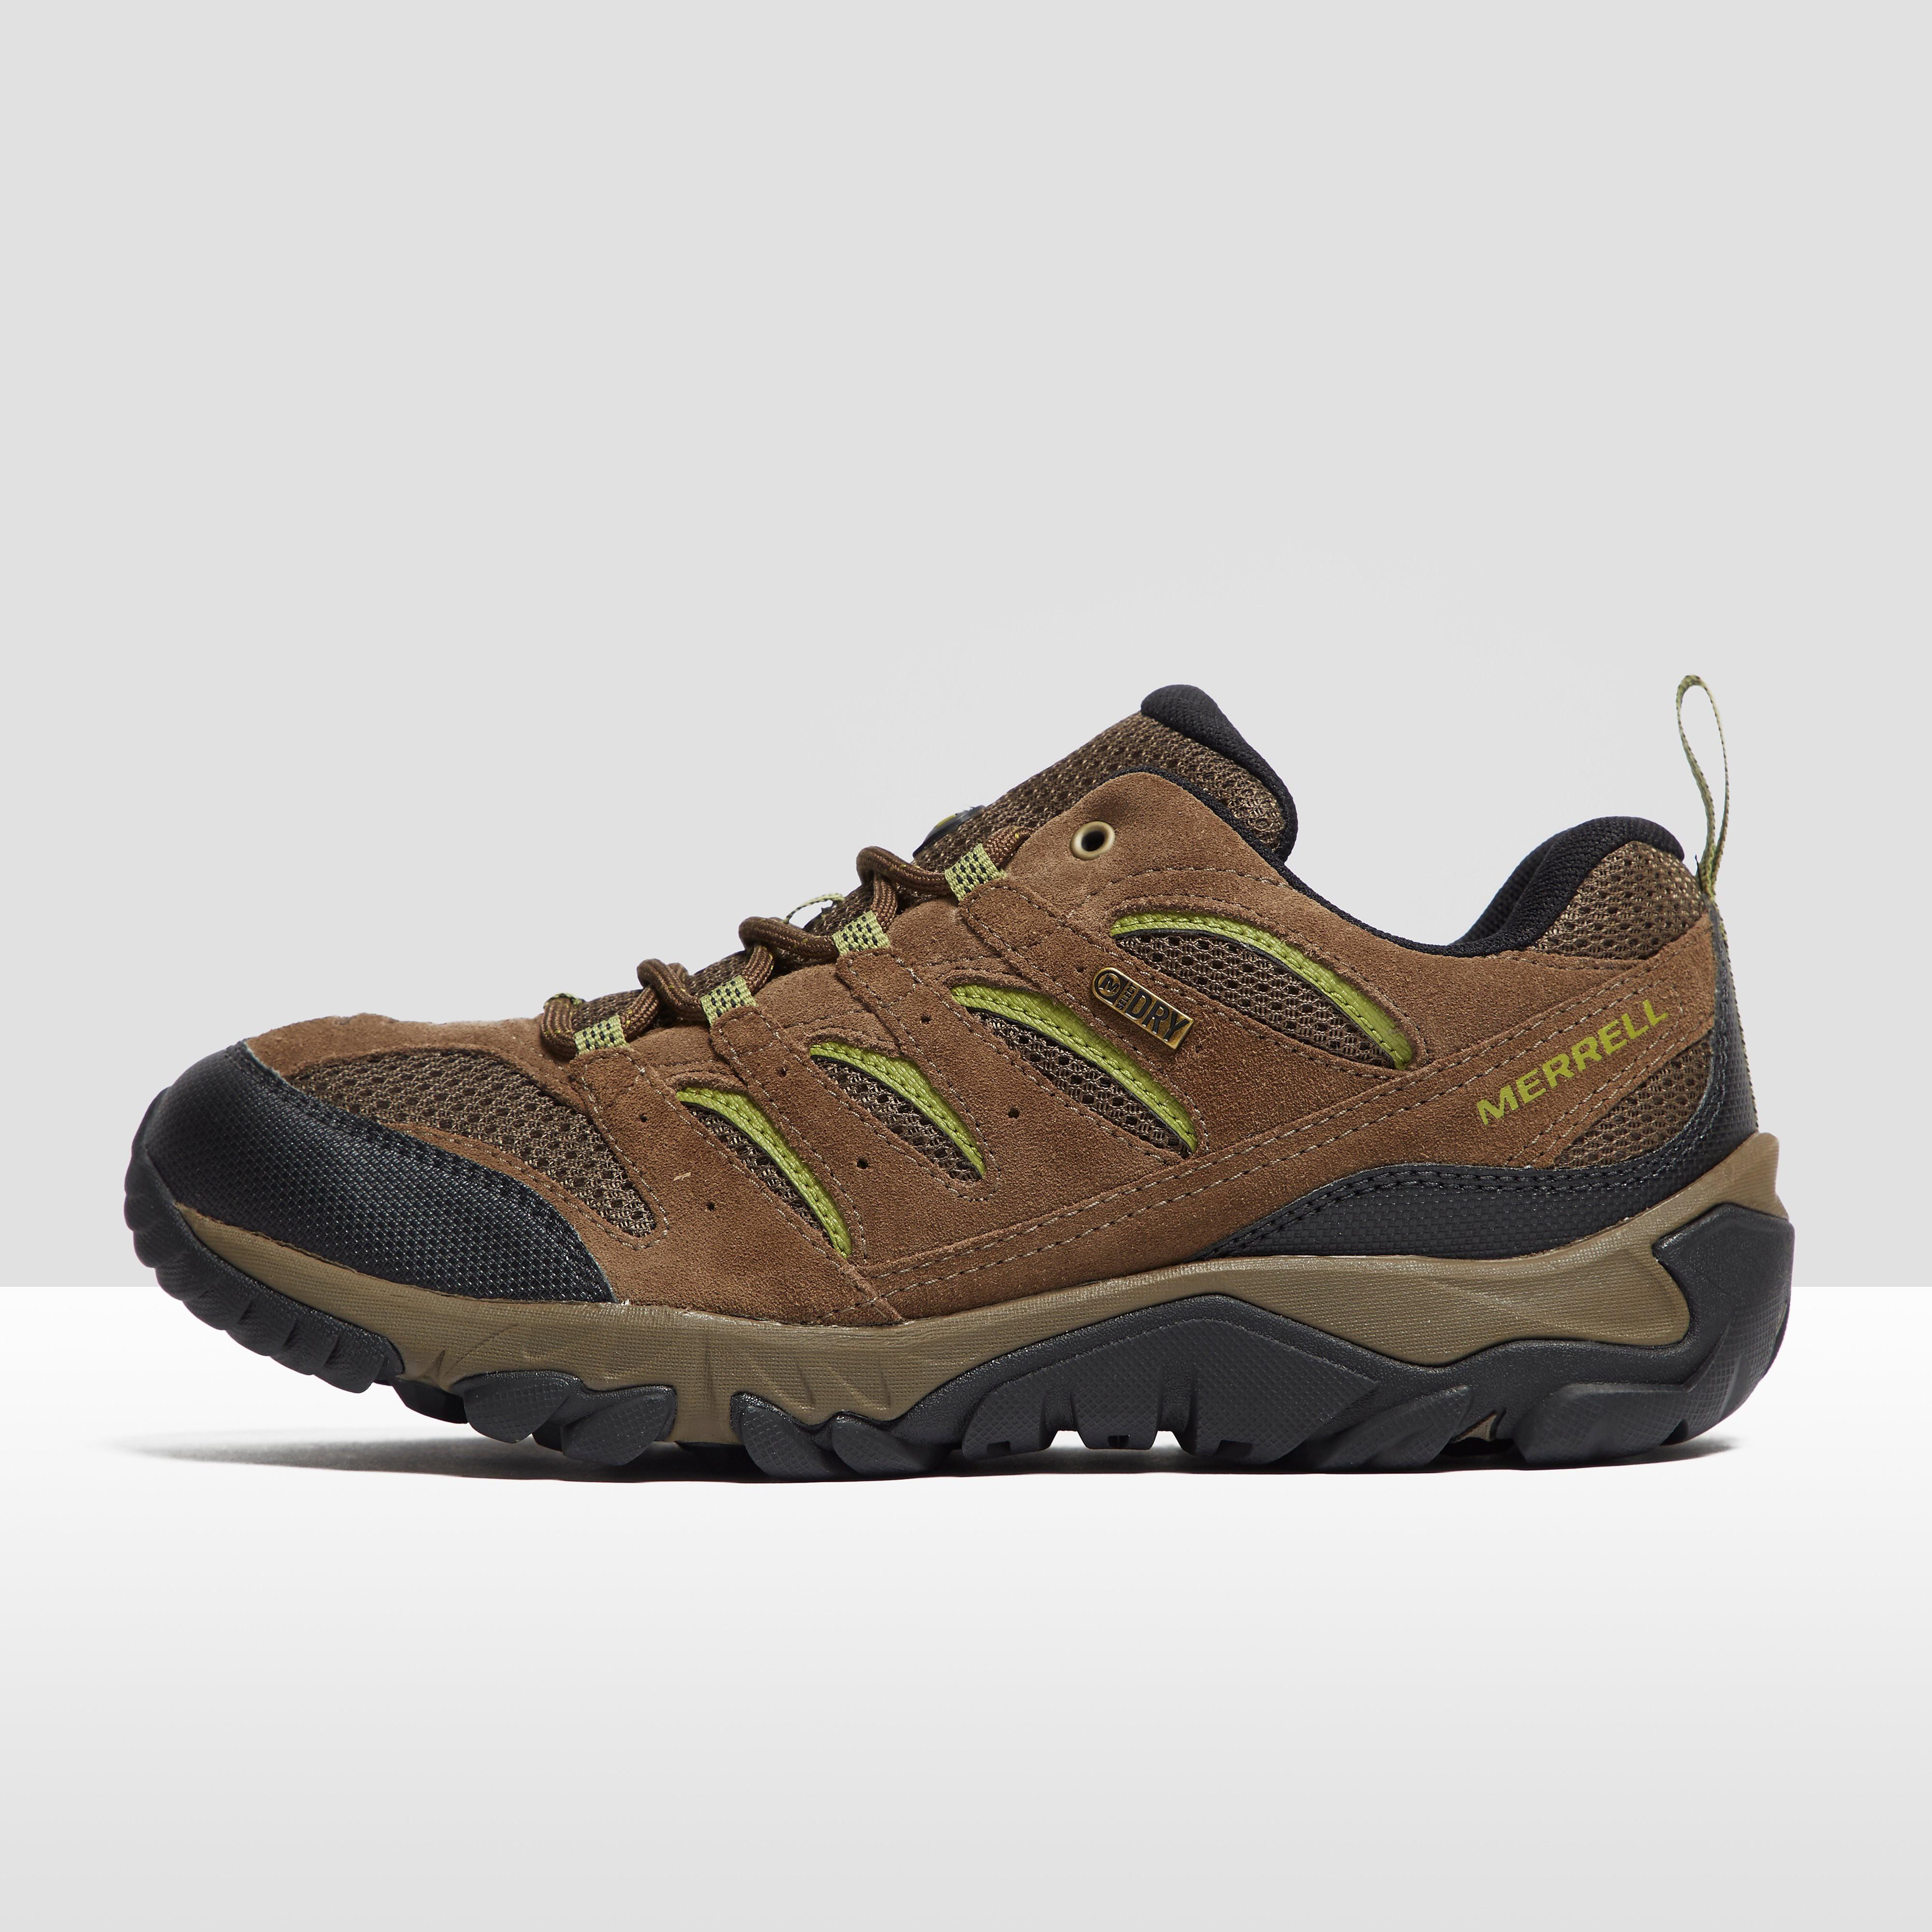 Merrell White Pine Ventilator Men's Walking Shoes